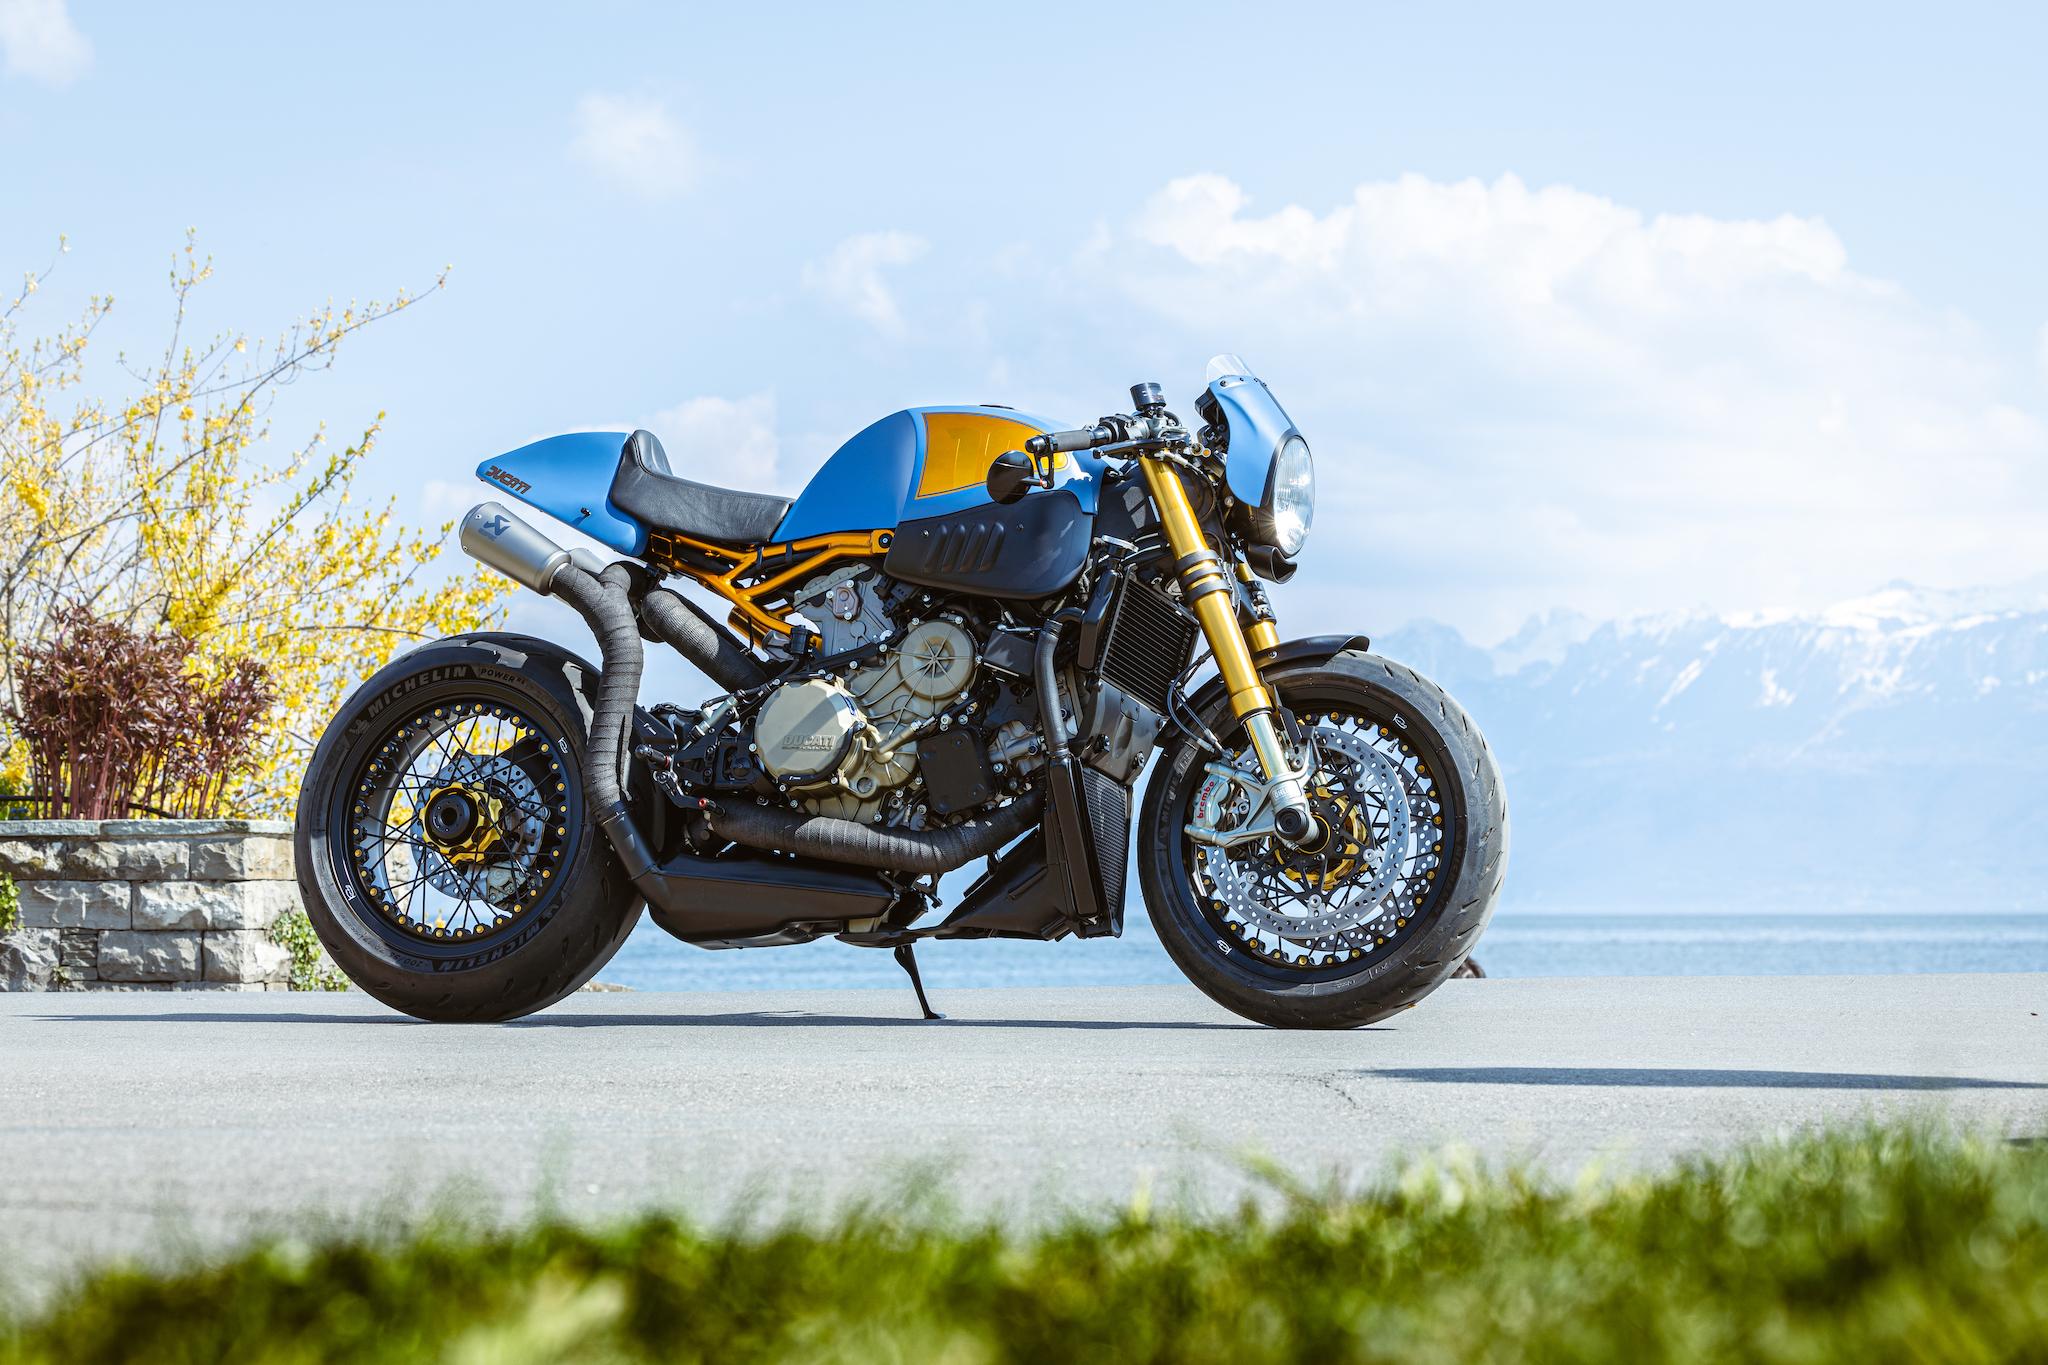 Ducati_Panigale_naked_dream-motos_Madpik-small22